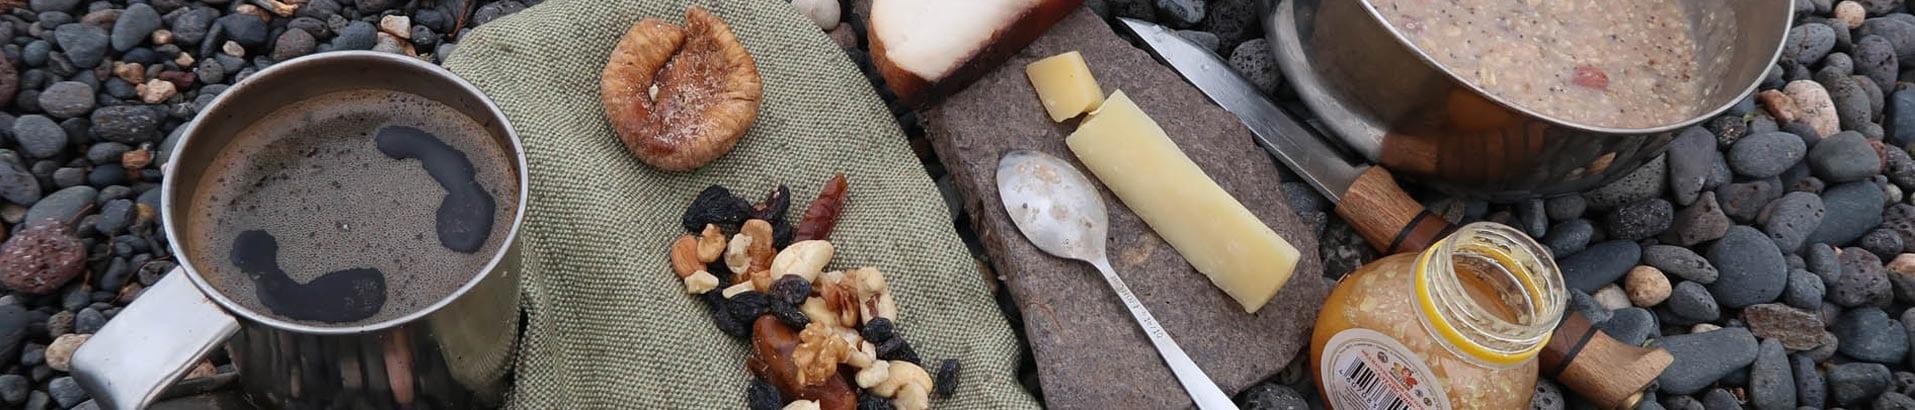 Для статьи про питание в горах использовалась картинка с кухонным бытом в горной местности